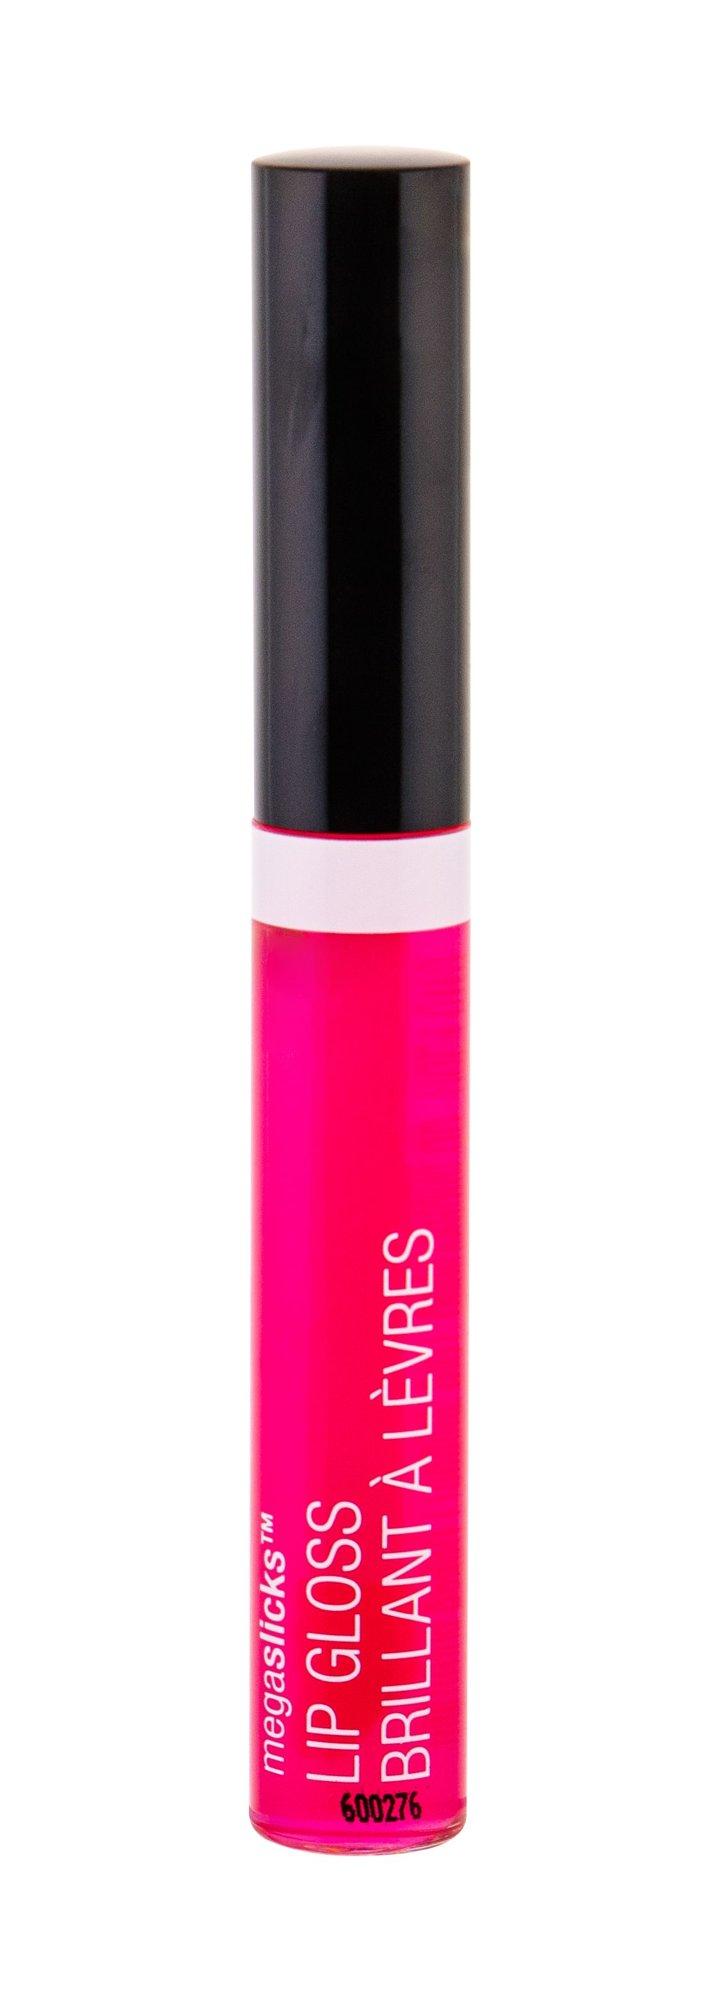 Wet n Wild MegaSlicks Lip Gloss 5,4ml Cotton Candy